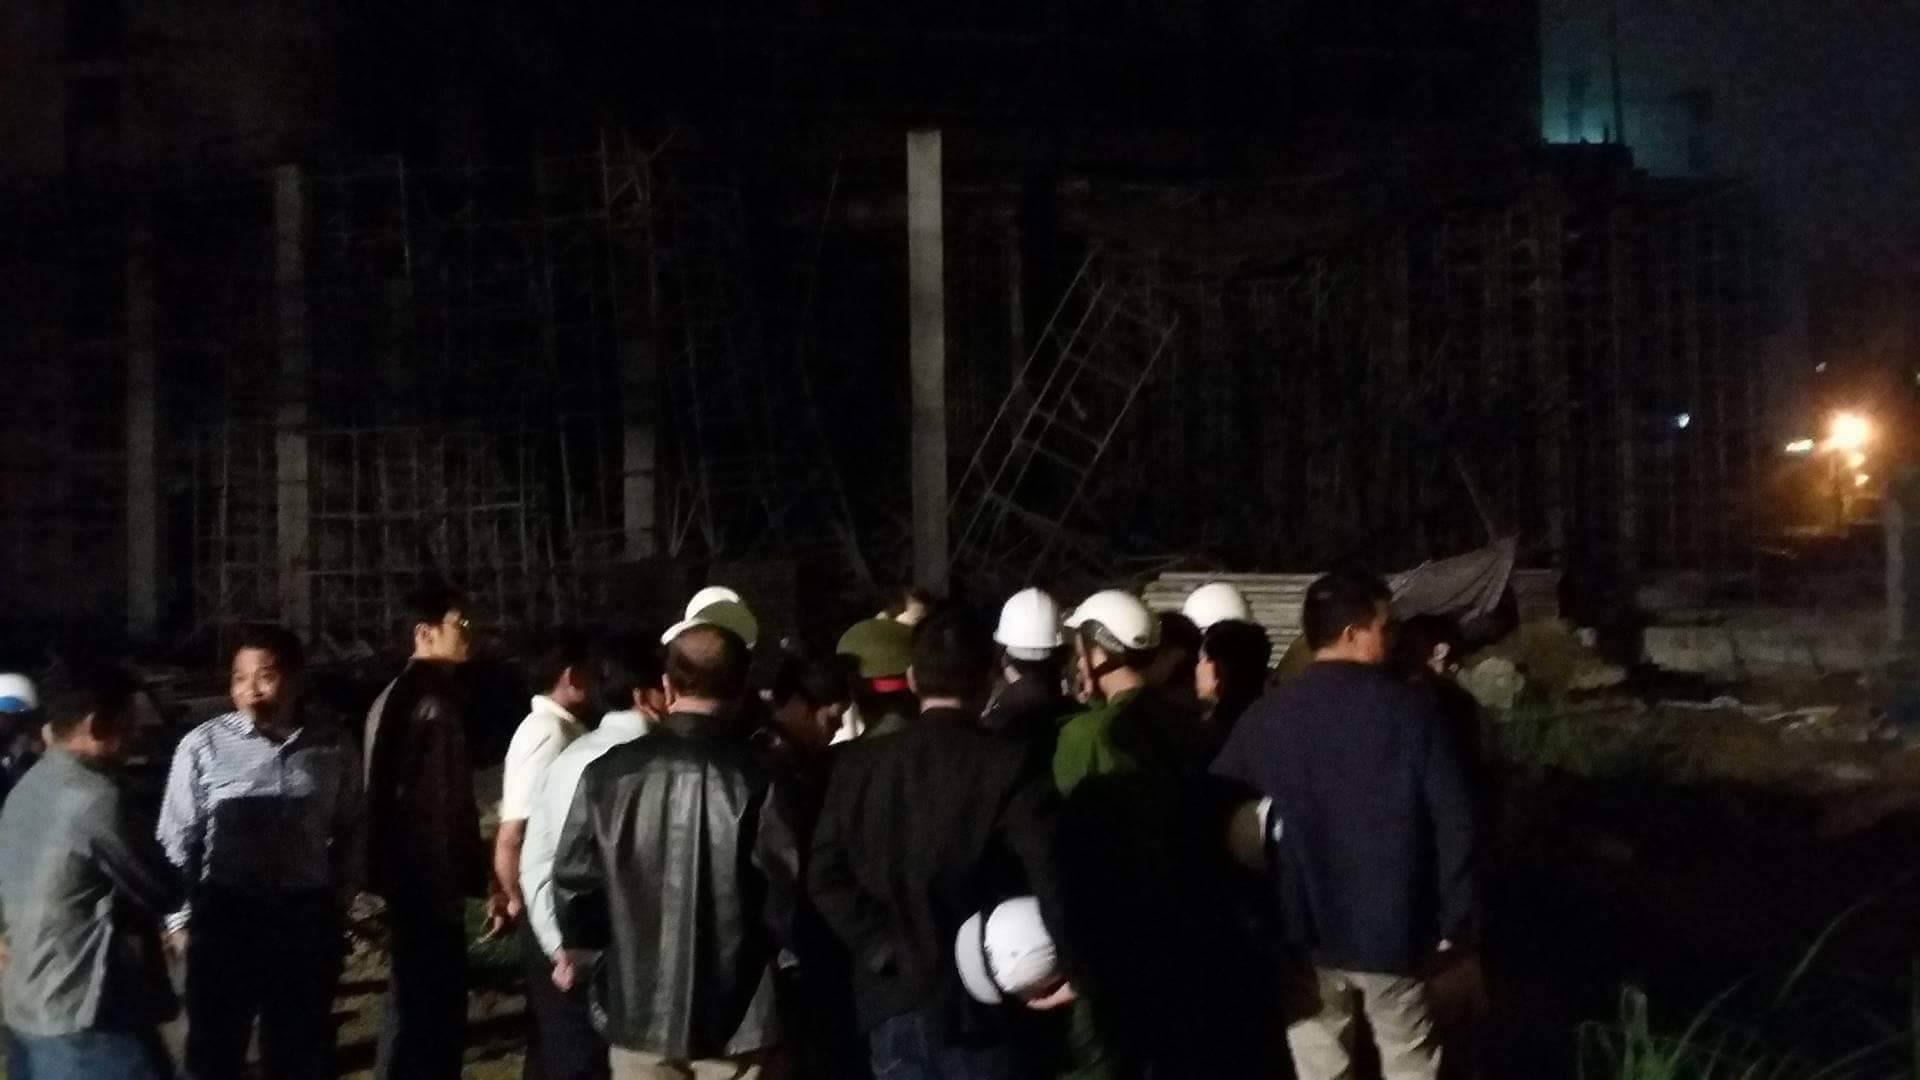 Sập nhà ở Đà Nẵng, nhiều người bị thương - ảnh 7